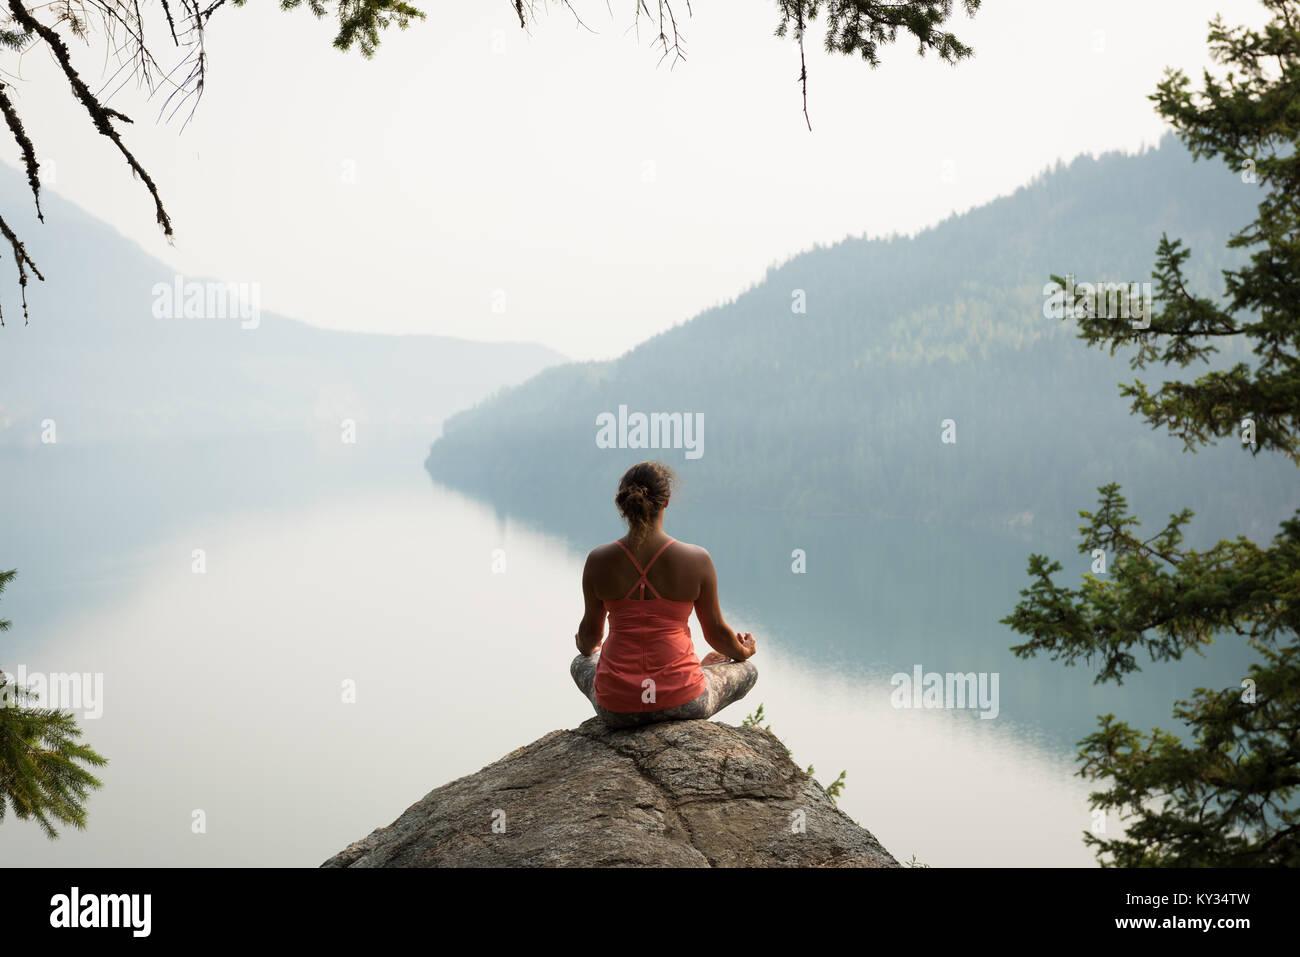 Montare donna seduta nella postura meditando sul bordo di una roccia Immagini Stock